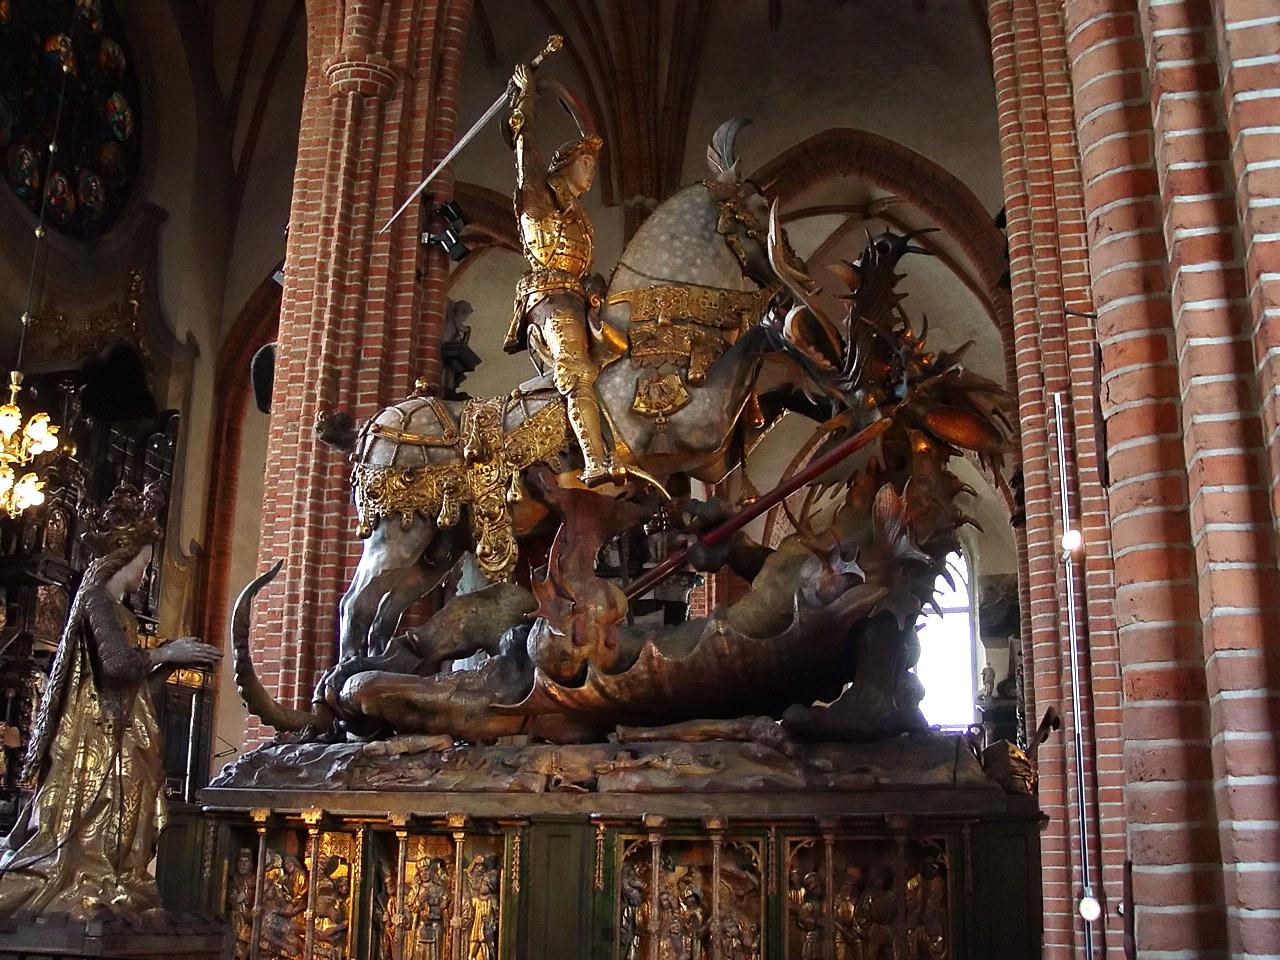 St.Georg mit dem Drachen kämpfend von Bernt Notke